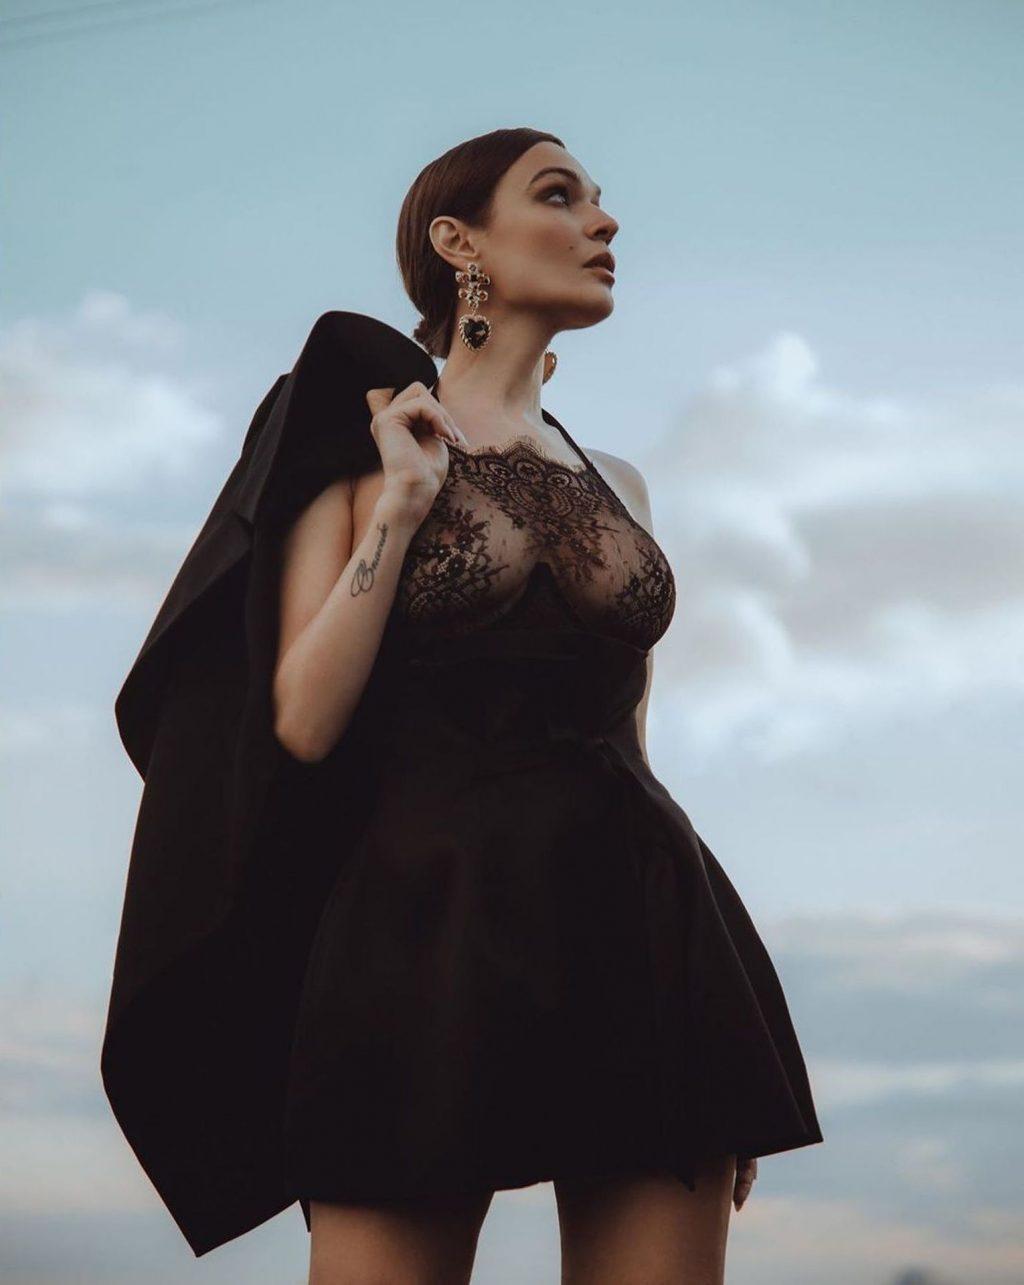 Alena Vodonaeva See Through (3 Photos)